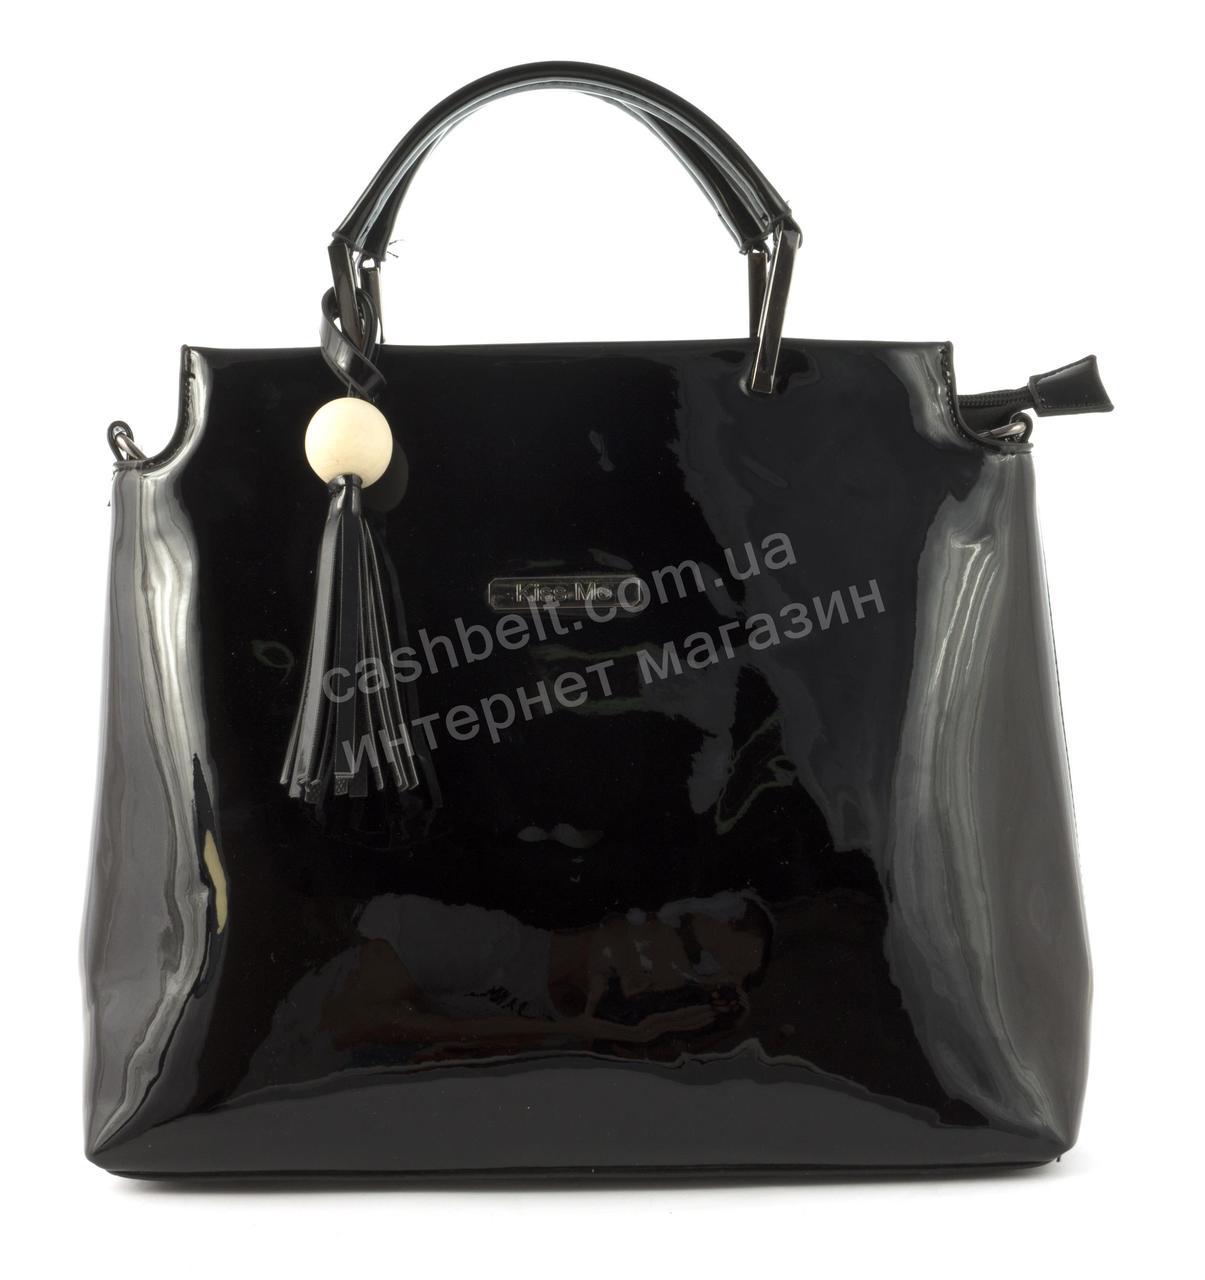 643d6ce8395d Удобная оригинальная стильная прочная женская лаковая сумка KISS ME art.  A605 черная - Ремешок и